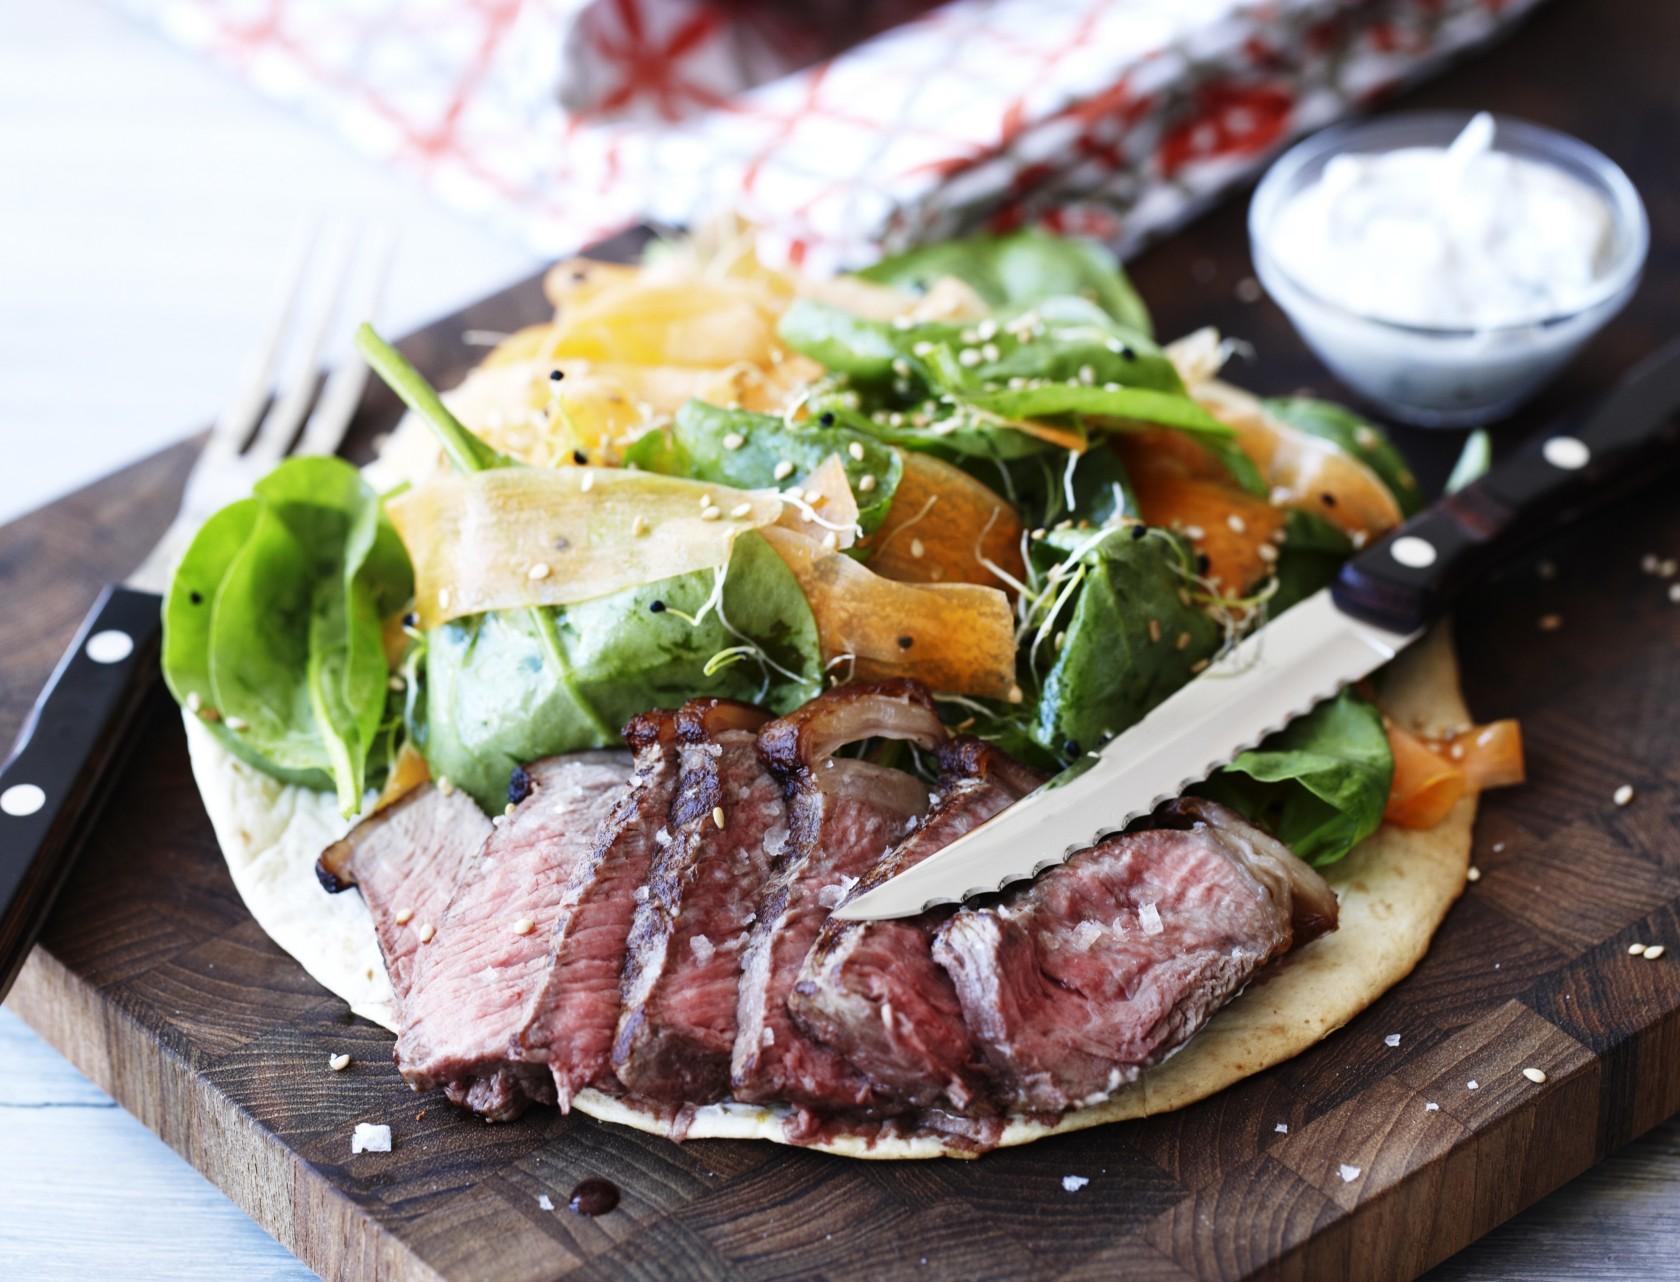 Tortilla med entrecote og spinatsalat - en skøn opskrift på en opgraderet hverdagsmad.